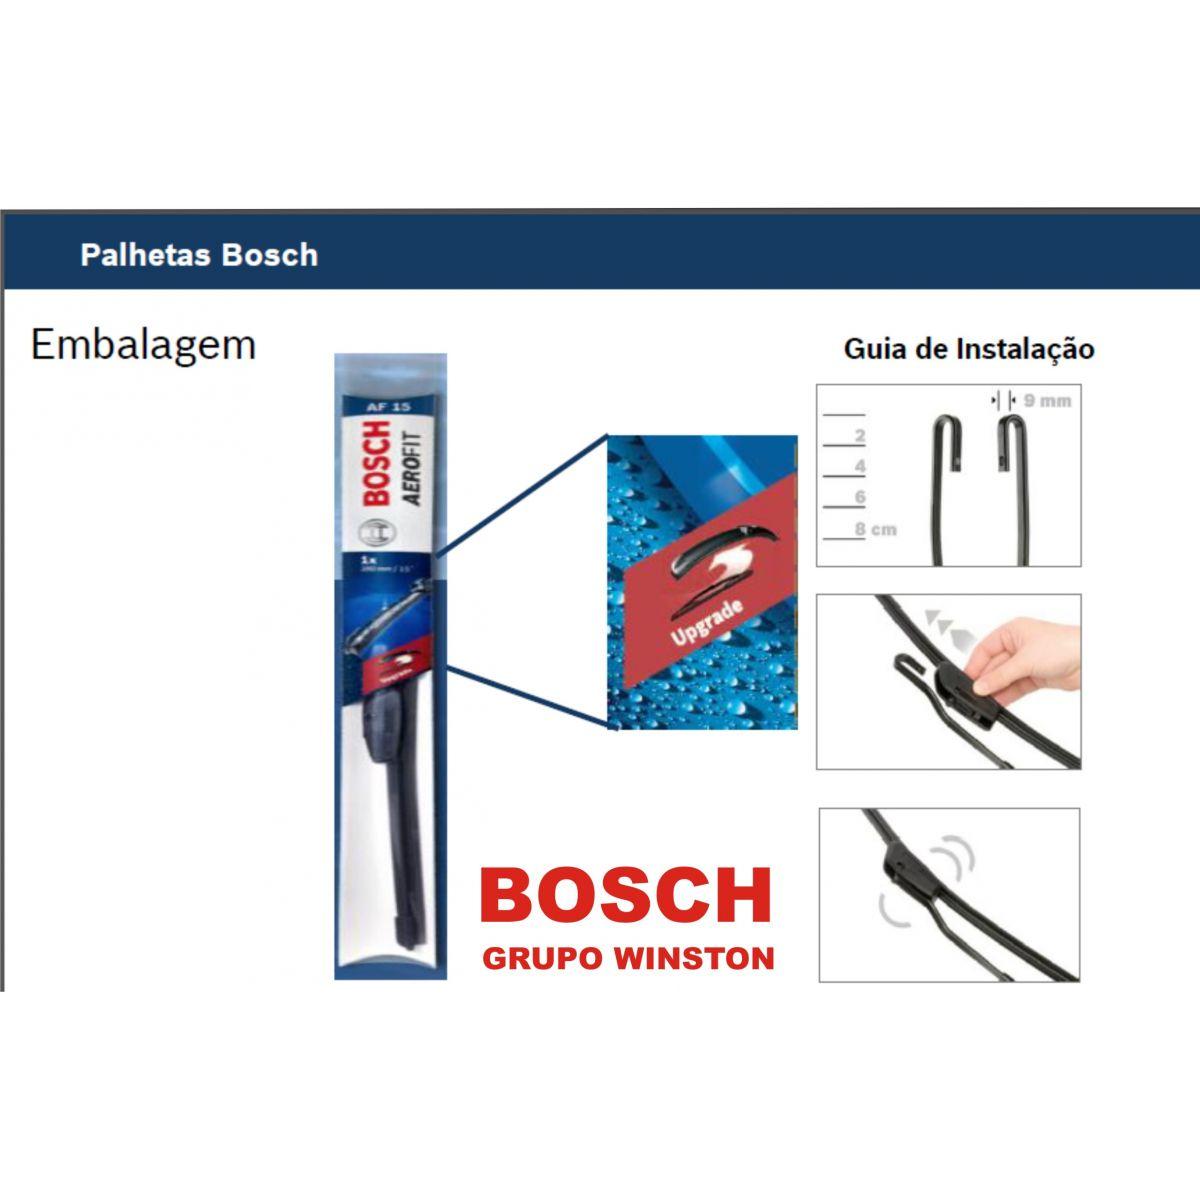 Palheta Bosch Aerofit Limpador de para brisa Bosch KIA Clarus / Wagon K 2500 K 2700 Sephia Shuma